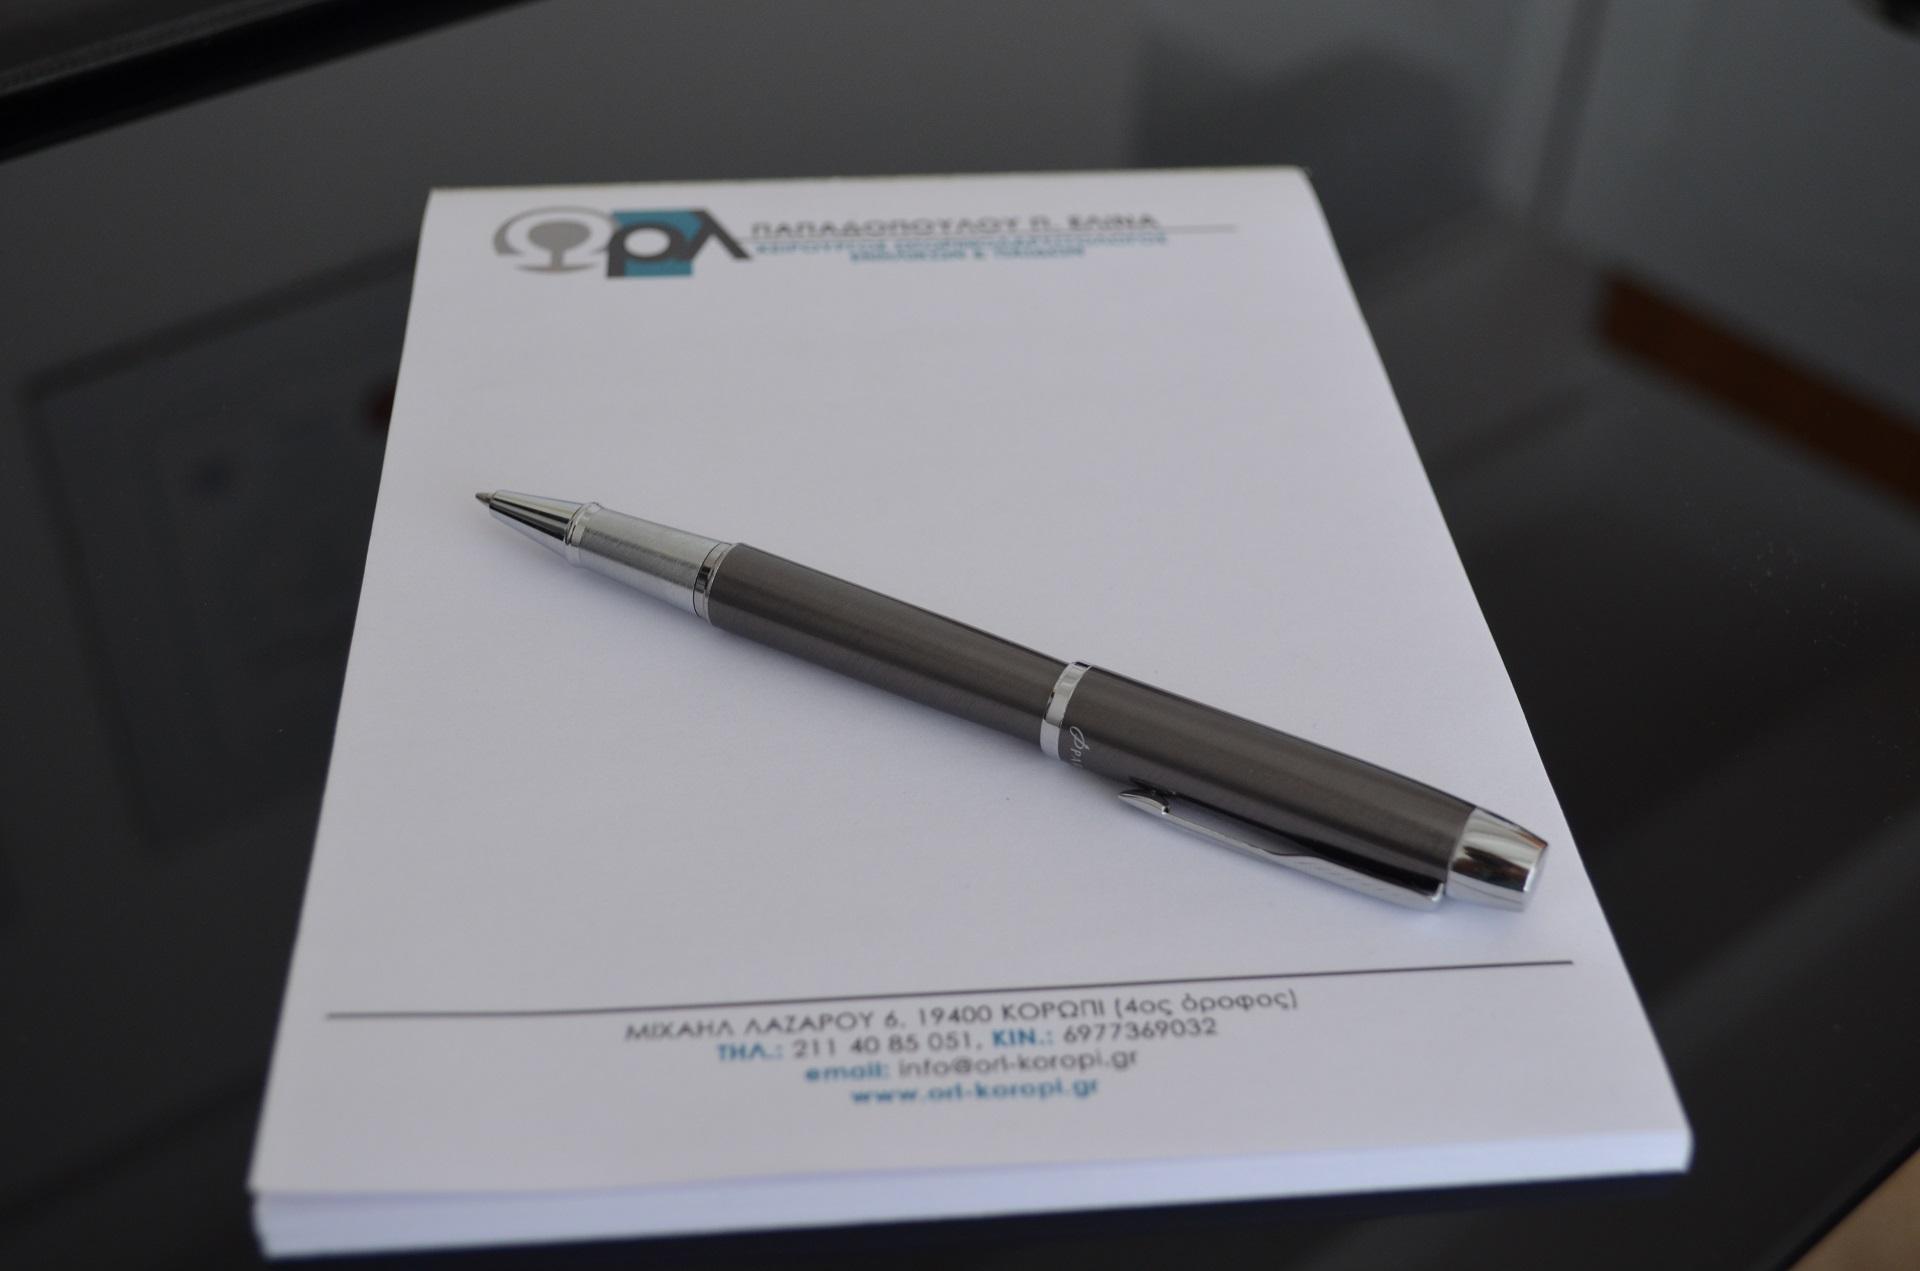 Πιστοποίηση Για Συνταγογράφηση ΕΟΠΥΥ - Σύμβαση Με Ιδιωτικές Ασφάλειες - Χειρουργική Αντιμετώπιση ΩΡΛ Παθήσεων Σε Ενήλικες & Παιδιά - ΩΡΛ Χειρουργεία